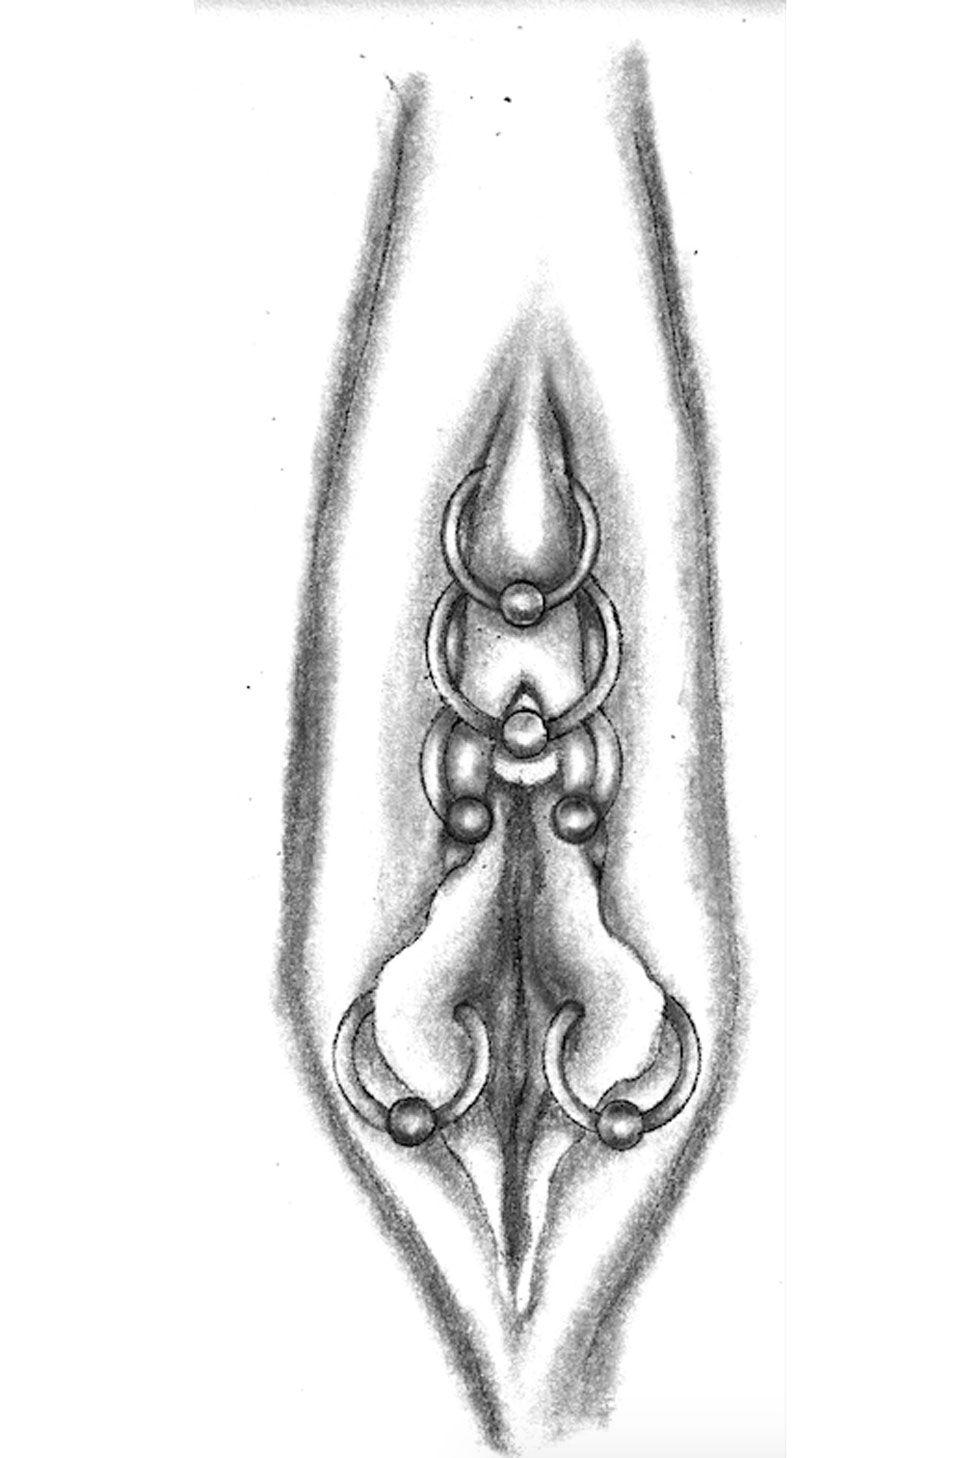 Author boob i knocker lex lex8712 lexi